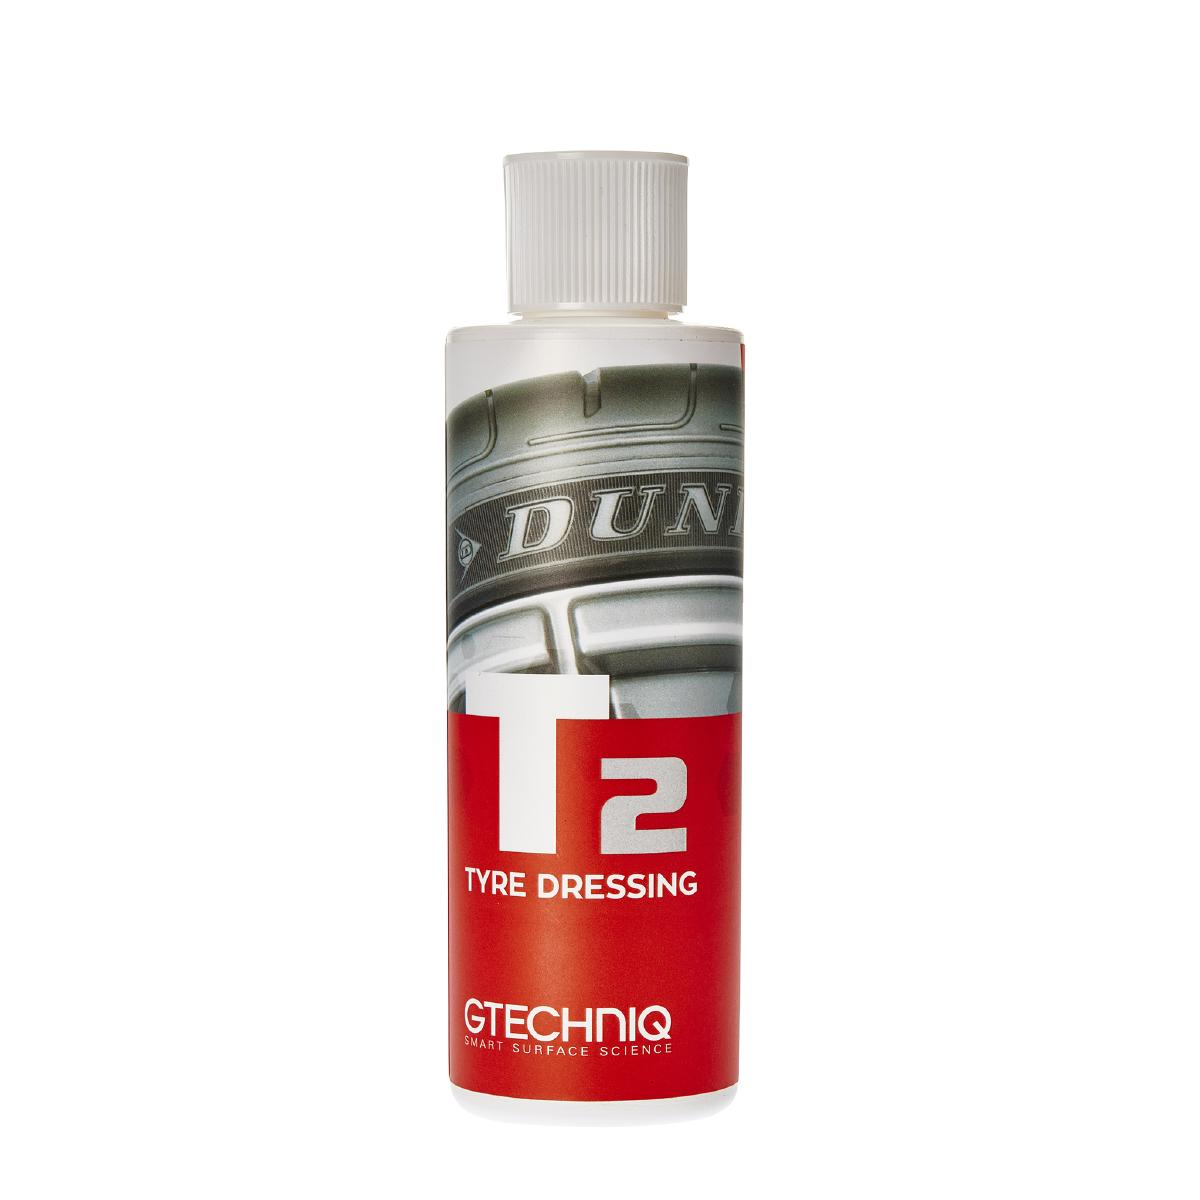 Däckglans Gtechniq T2 Tyre Dressing, 250 ml